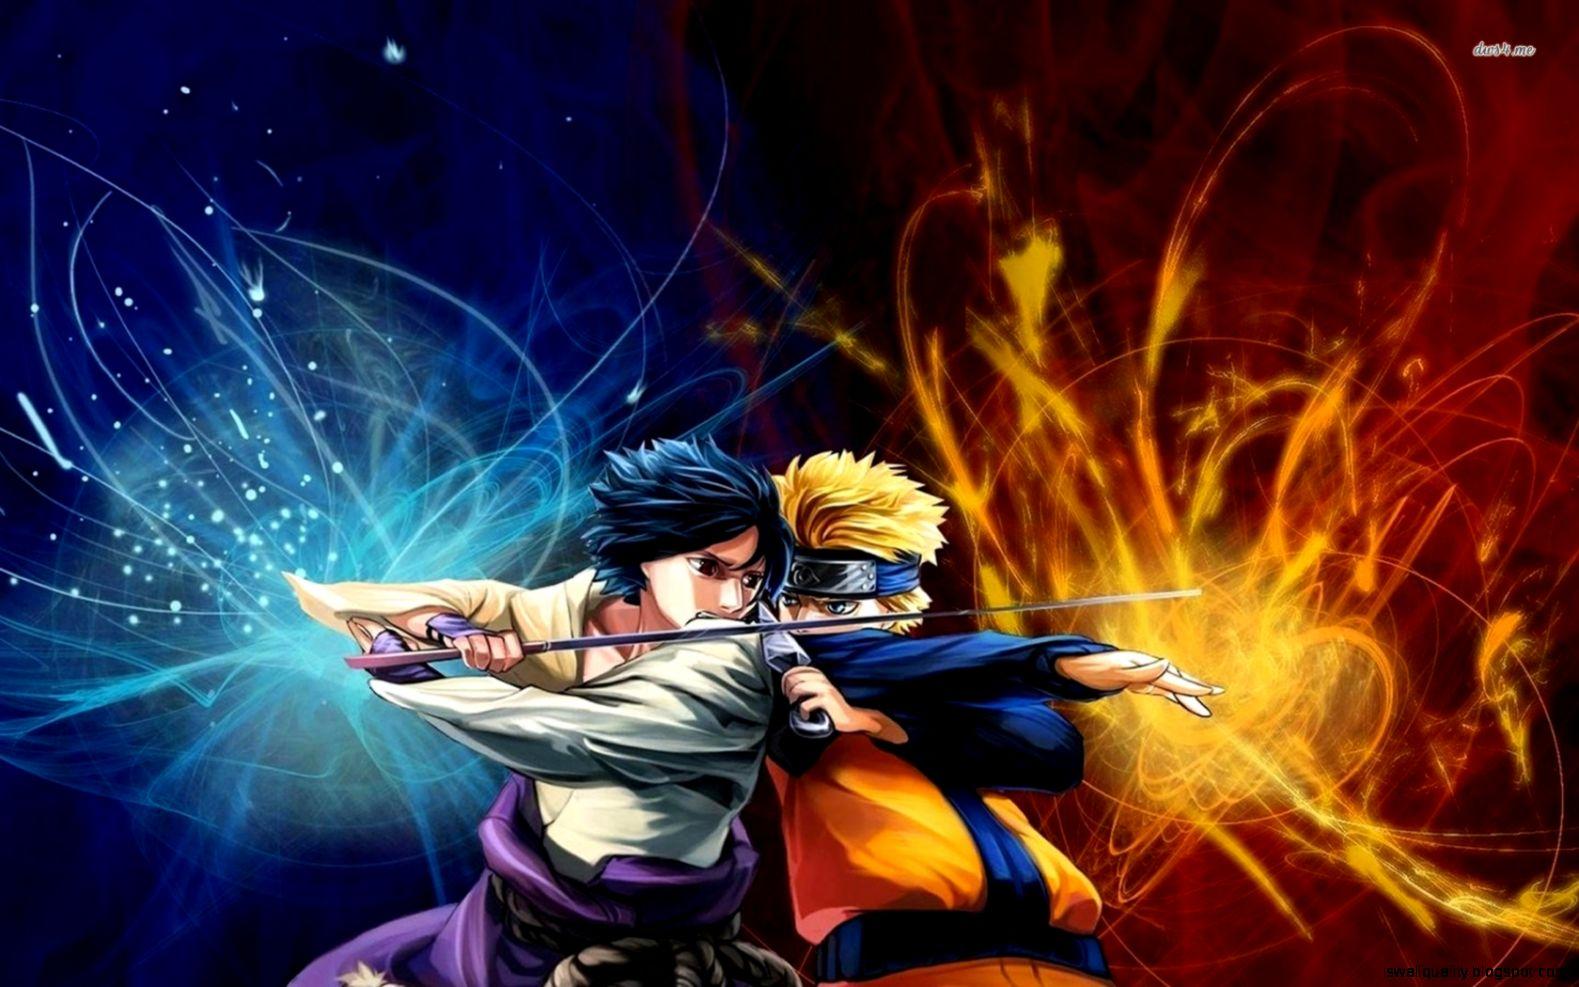 naruto shippuden vs sasuke uchiha wallpaper anime wallpapers